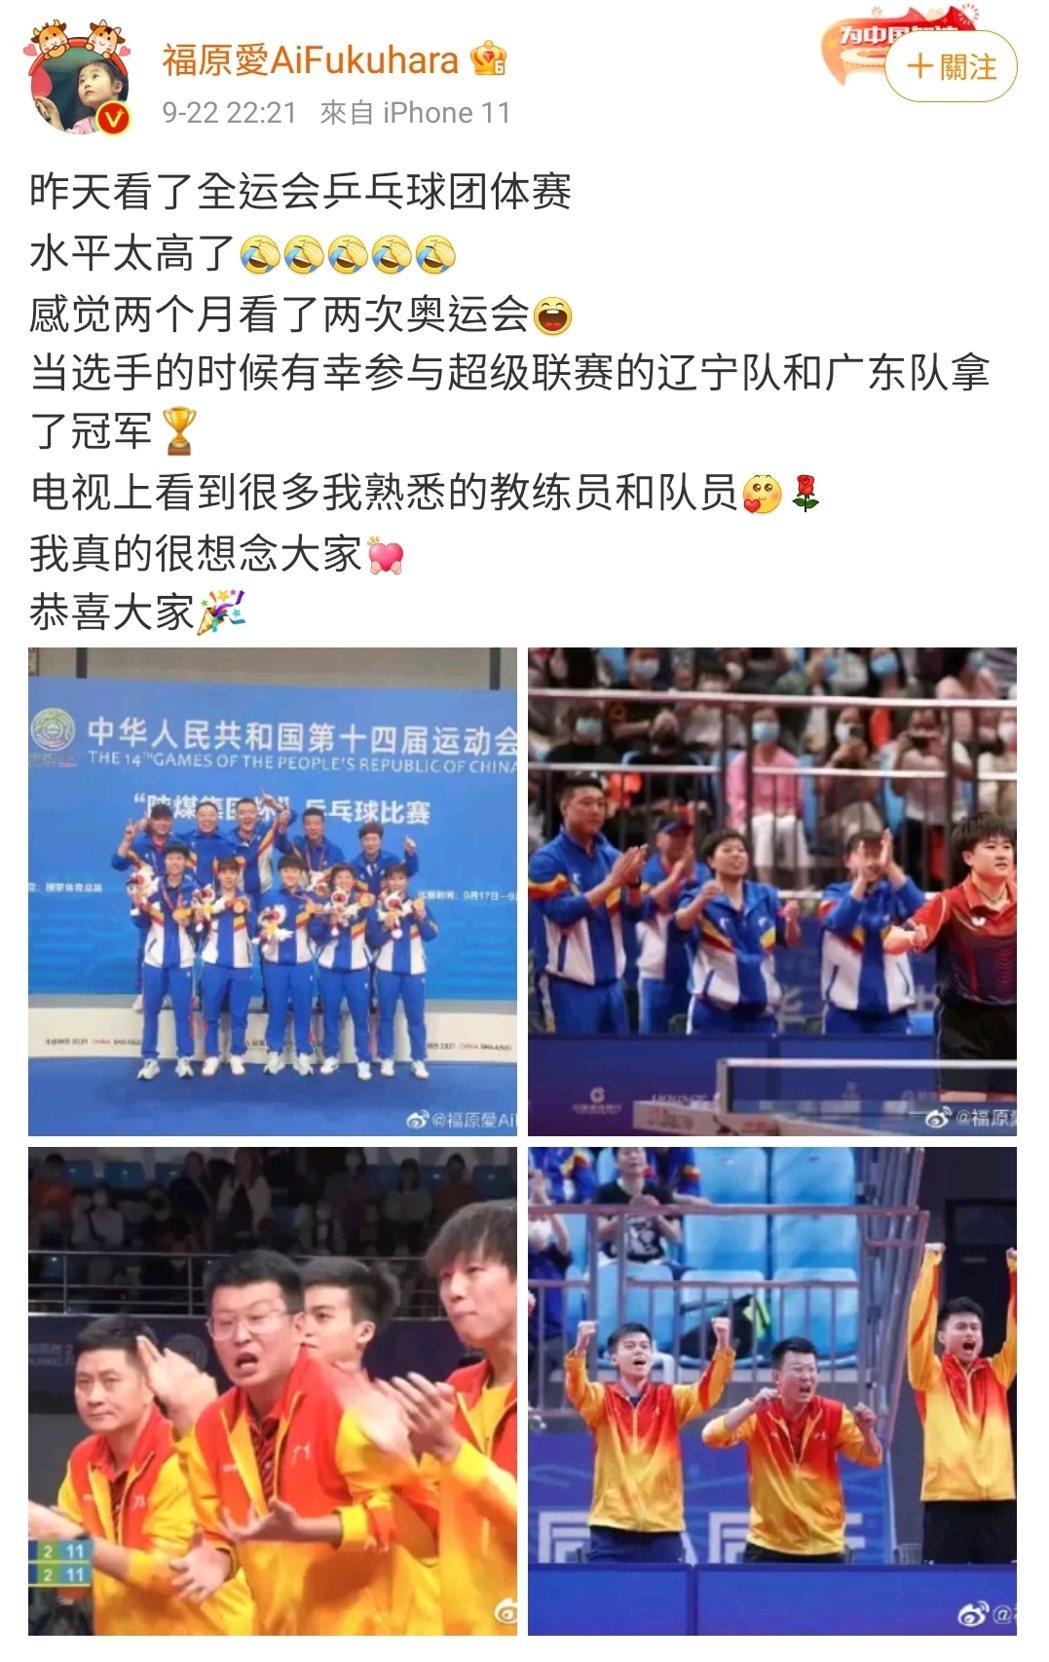 福原愛大讚中國全運會桌球賽水準高。 圖/擷自福原愛微博